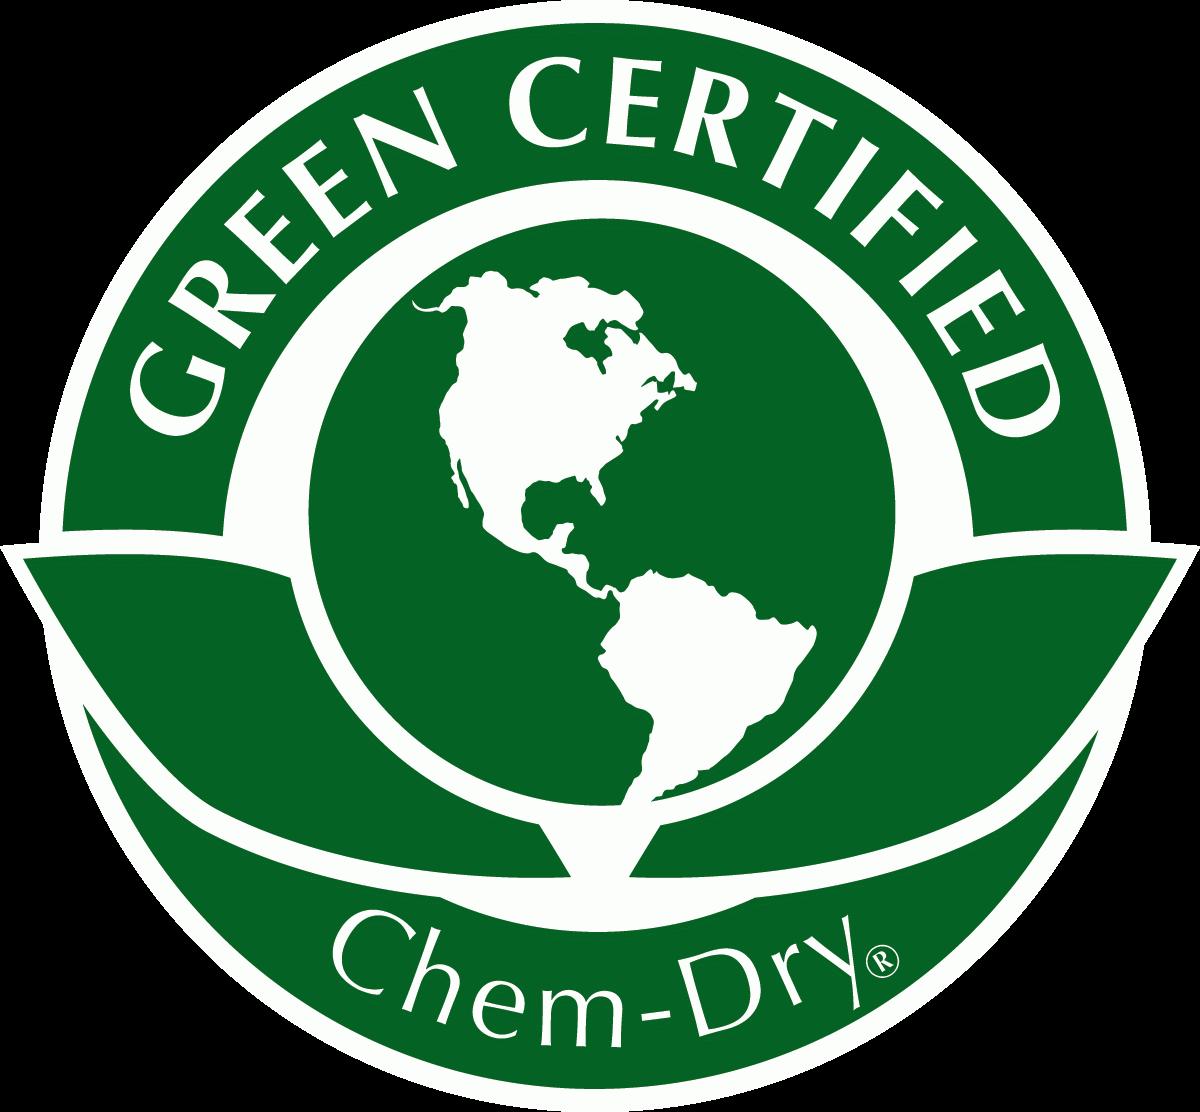 Fresh Start Chem-Dry image 2